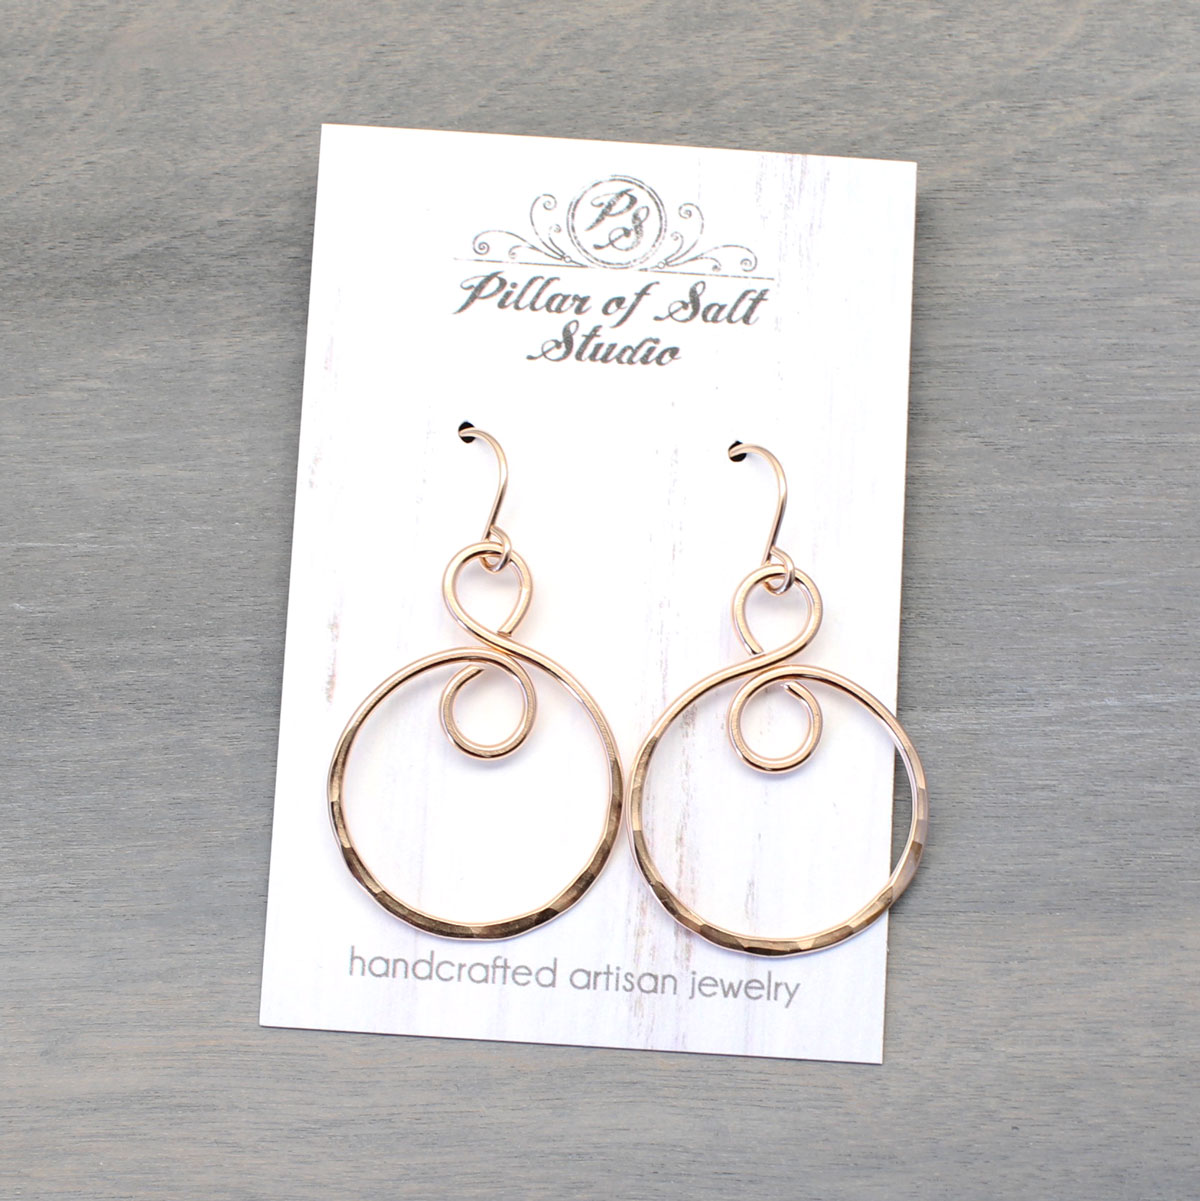 hammered rose gold earrings by Pillar of Salt Studio